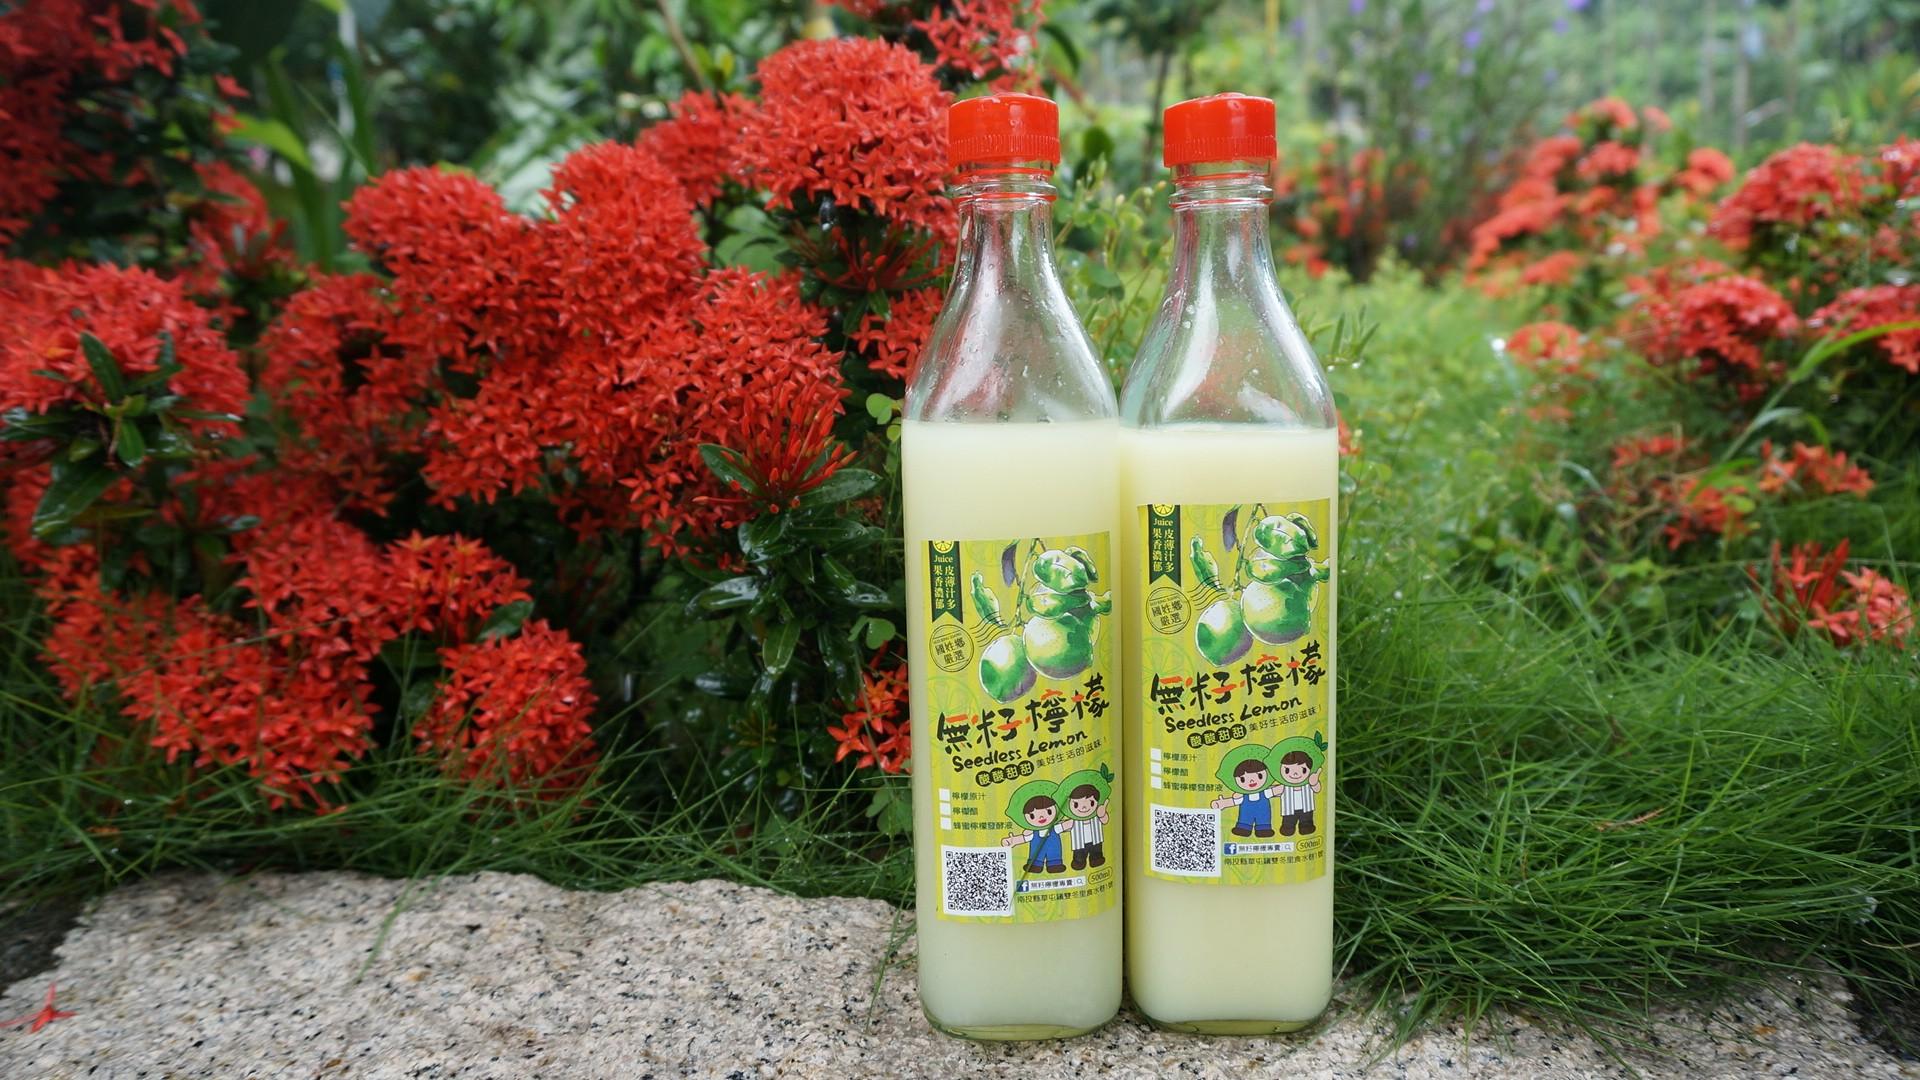 8月特價無毒檸檬原汁 | 鮮檸檬汁 | 檸檬汁 | 檸檬水 | TLS全新生活 (25瓶裝)500cc&【結帳】輸入折扣碼「IU205AQRTSRP 」,在打【85】折